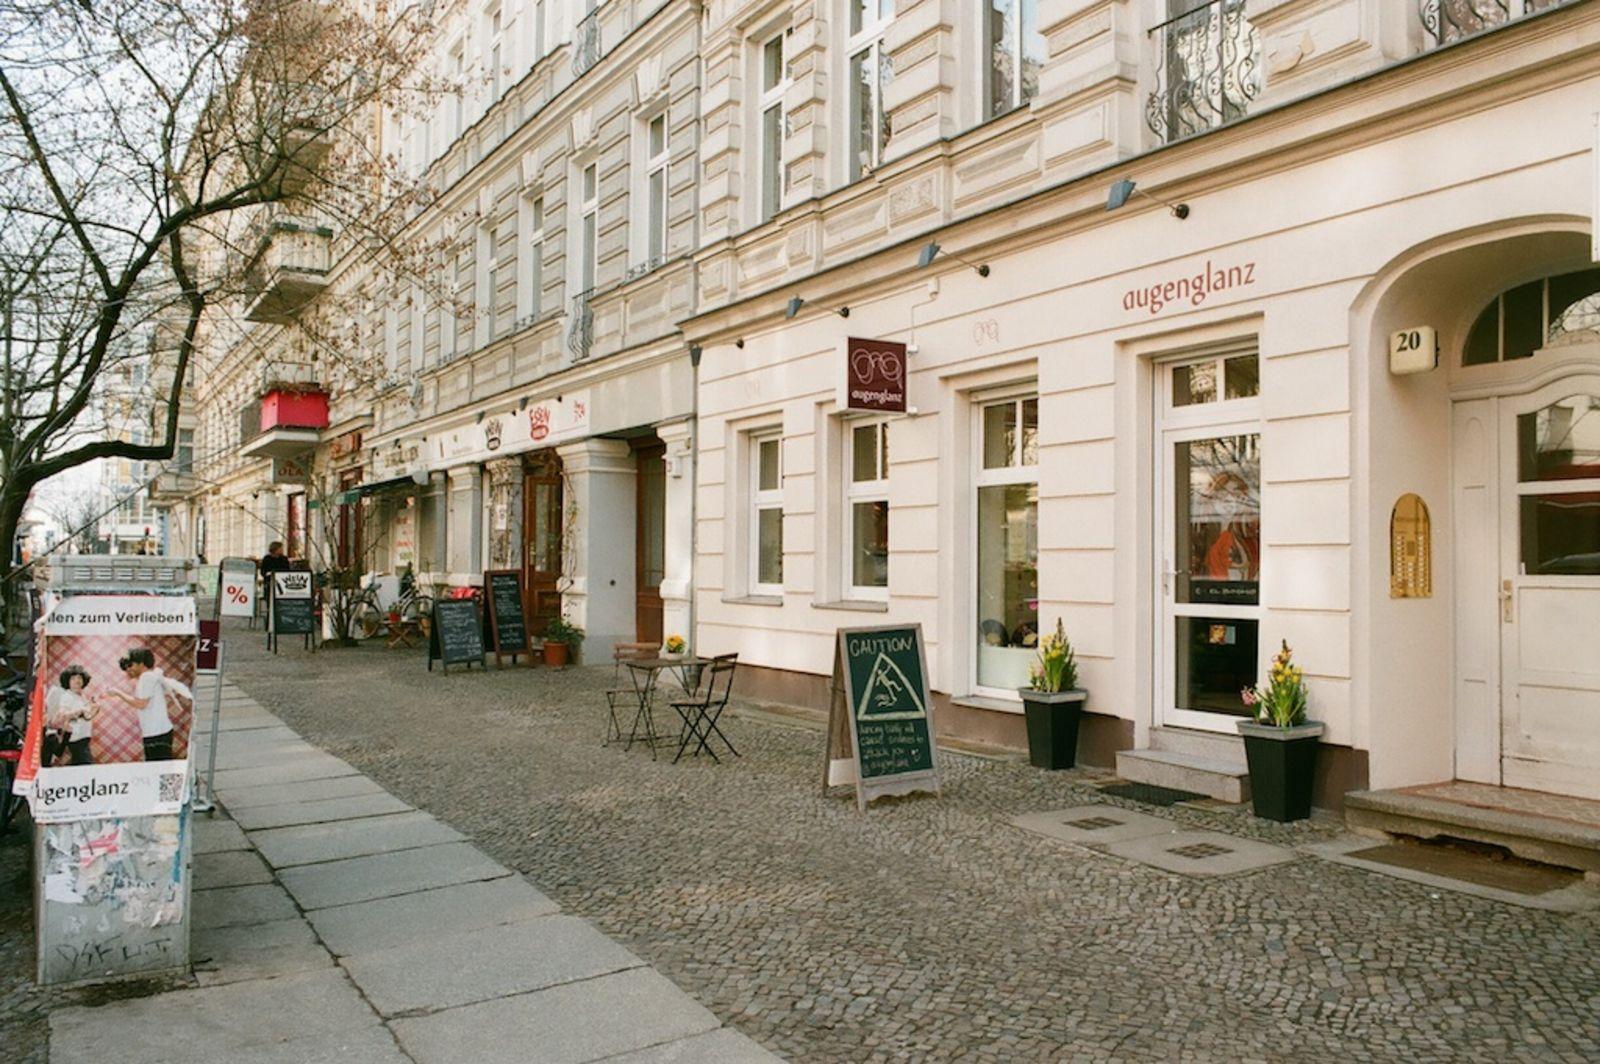 Augenglanz in Berlin (Bild 6)